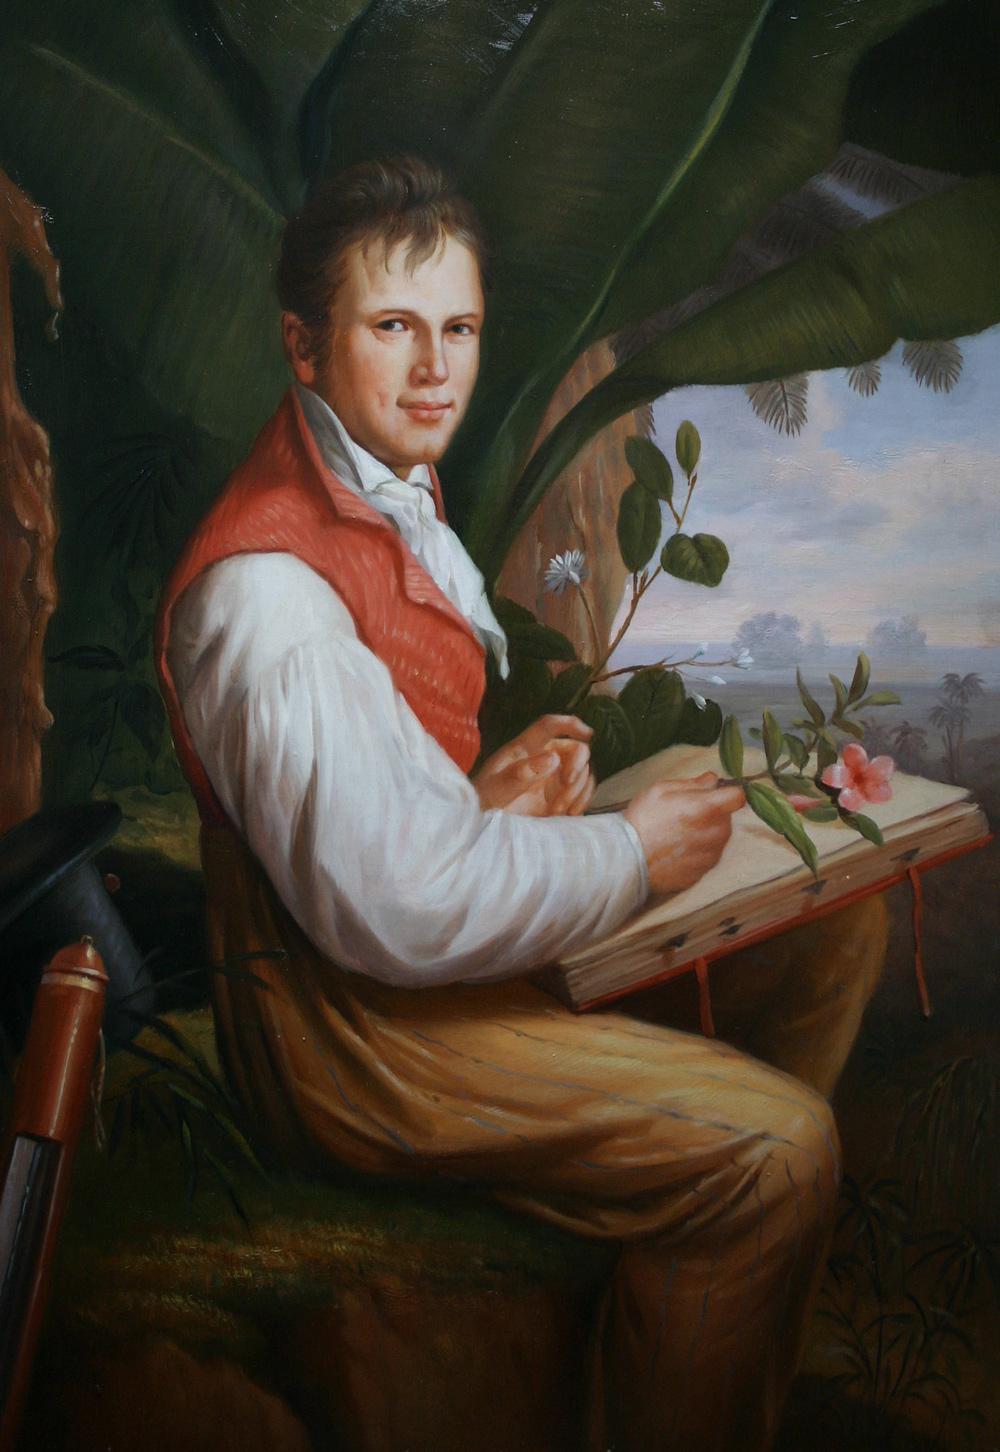 Gemäldekopie auf Holz, Alexander von Humboldt nach Friedrich Georg Weitsch